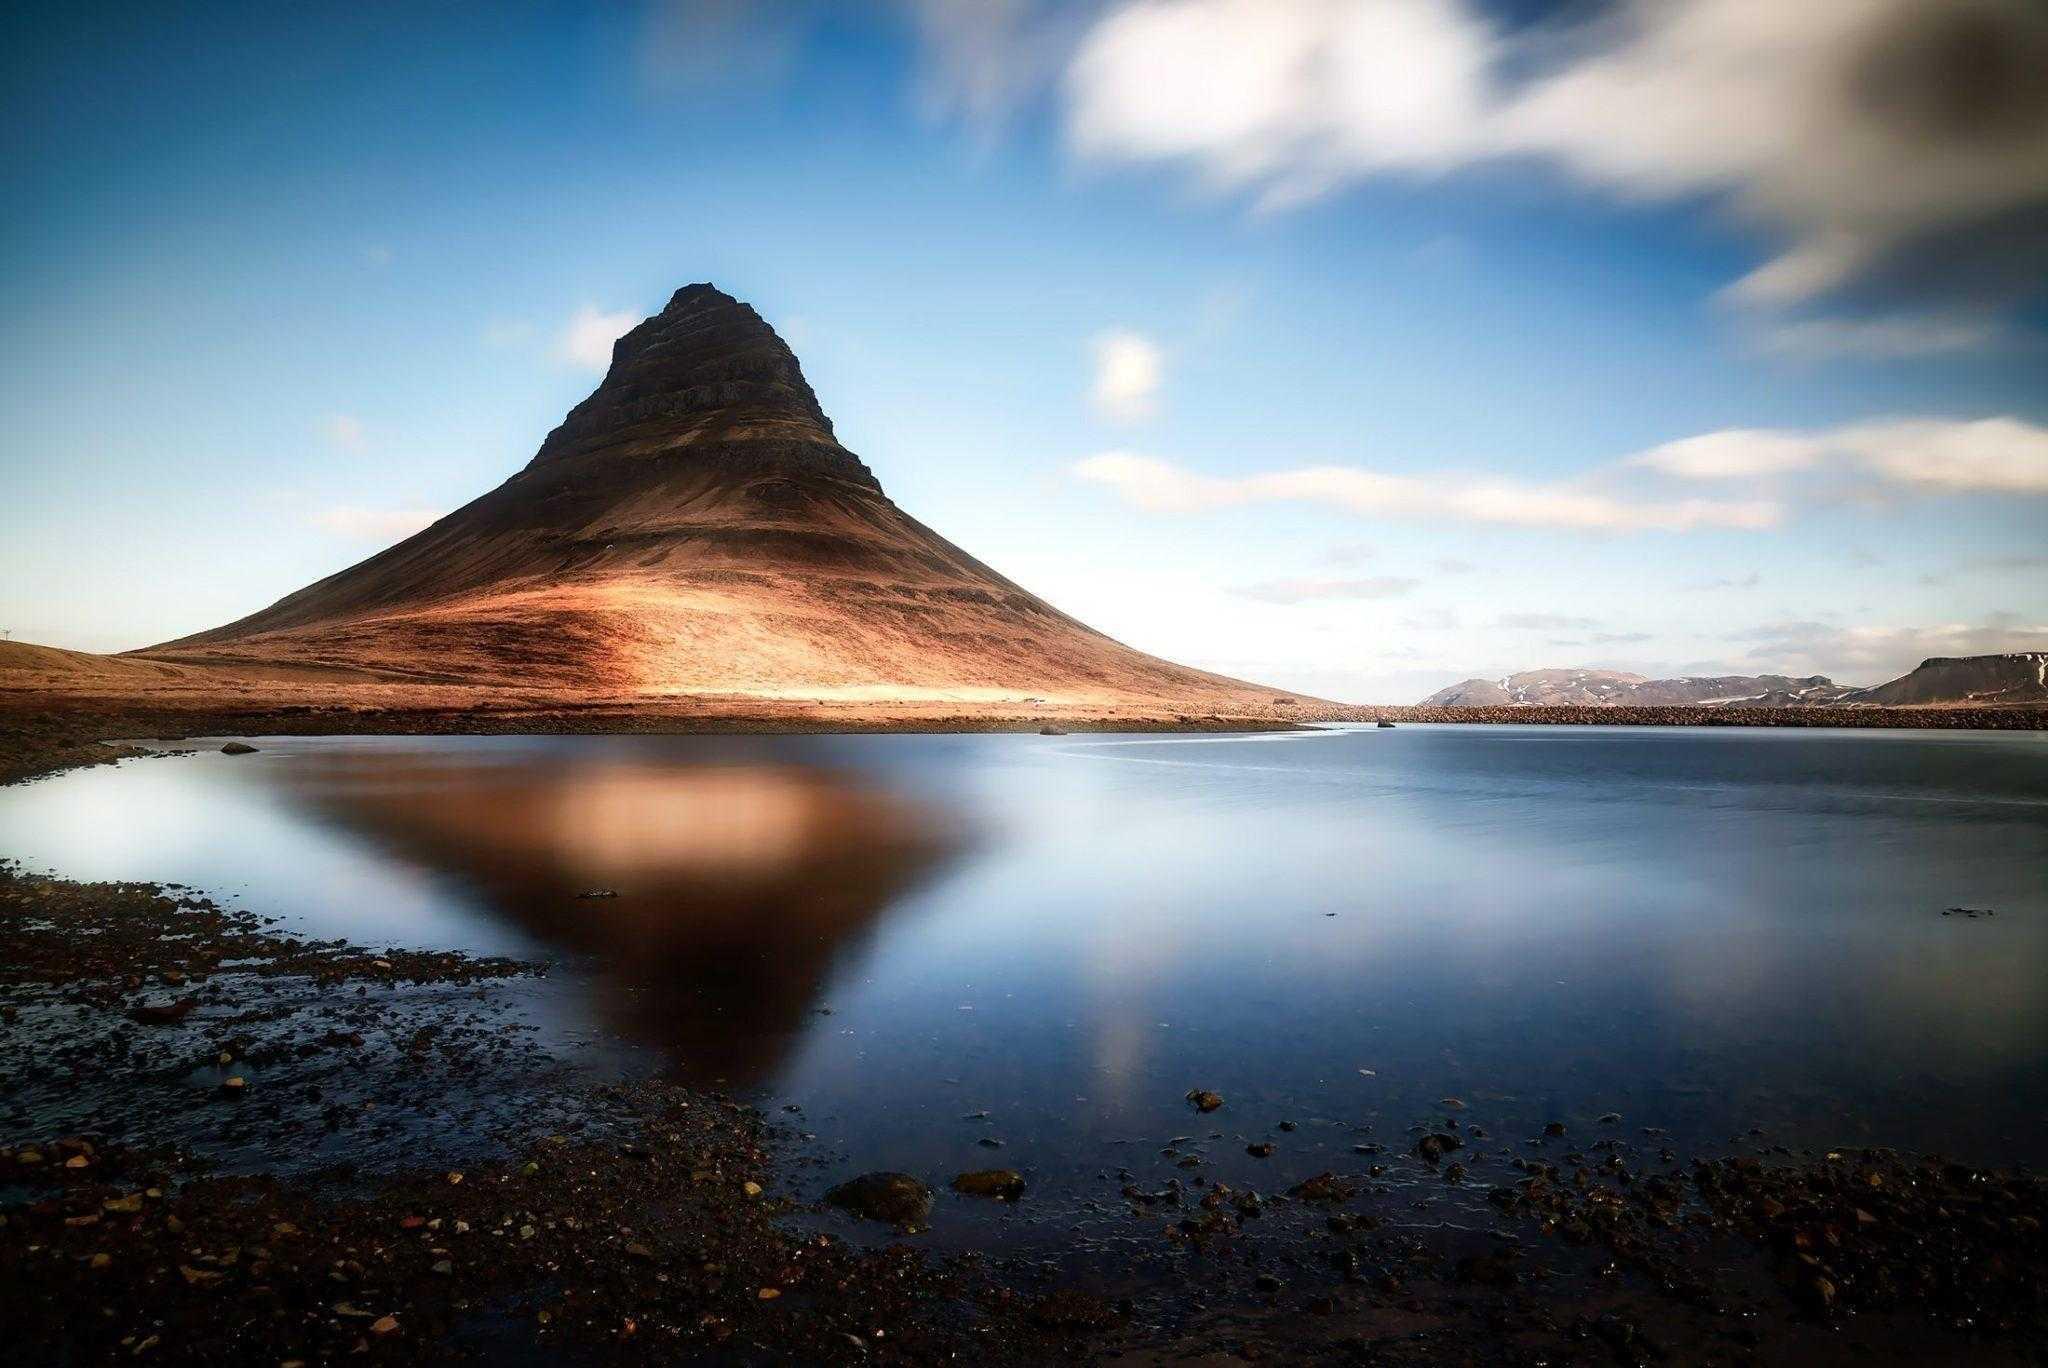 гора, Киркьюфетль, Исландия, озеро, небо, природа, пейзаж